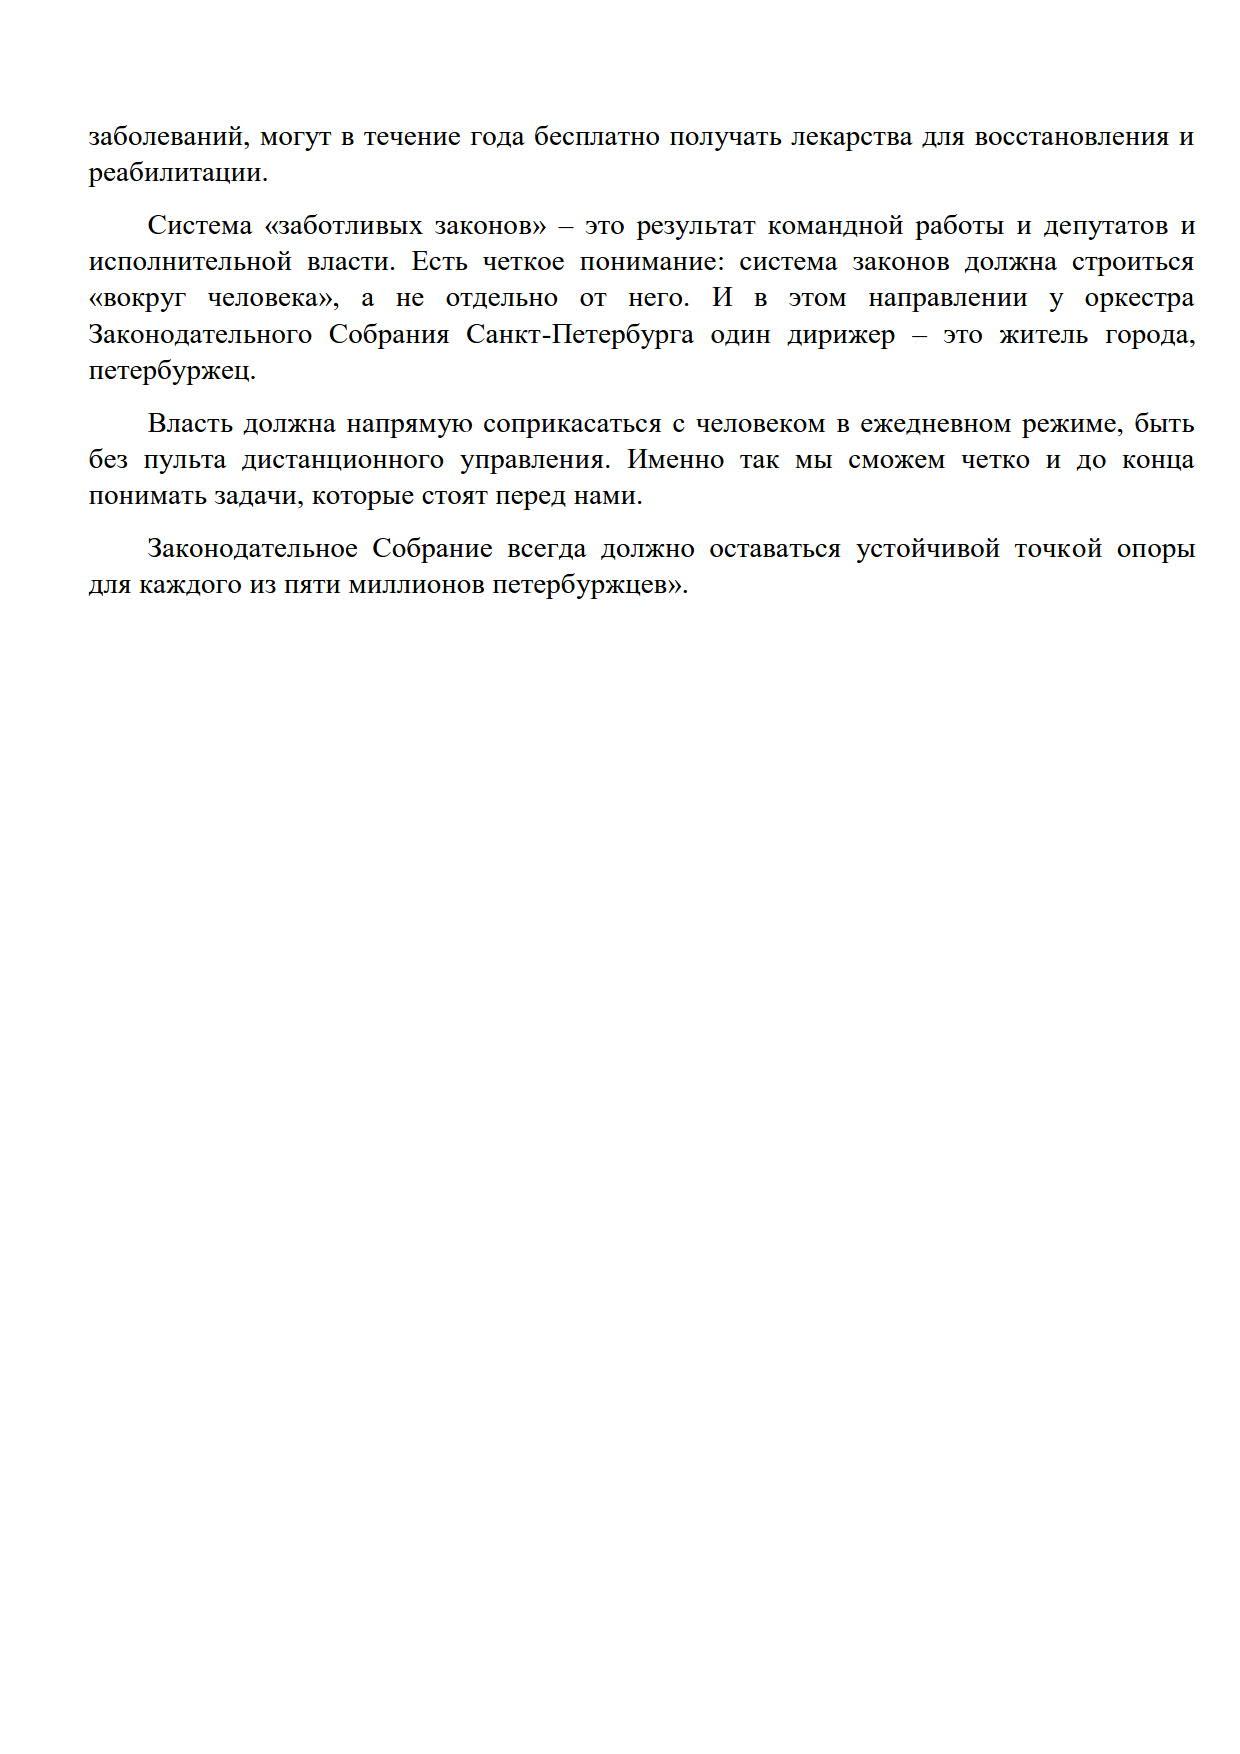 27.06.2019 на сайт текст для размещения_2